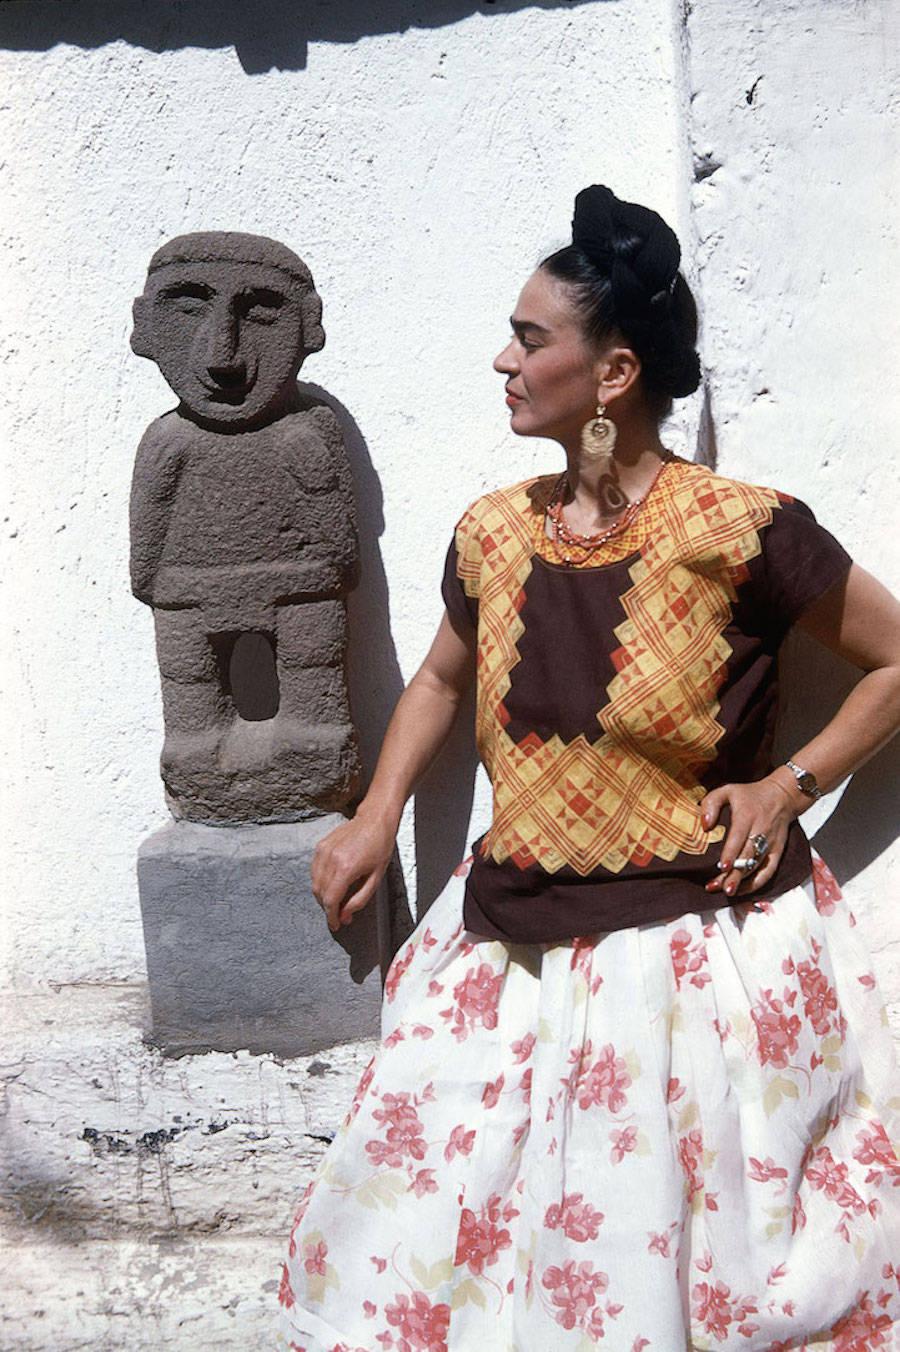 Fotografías inéditas de Frida Kahlo poco antes de su muerte 12